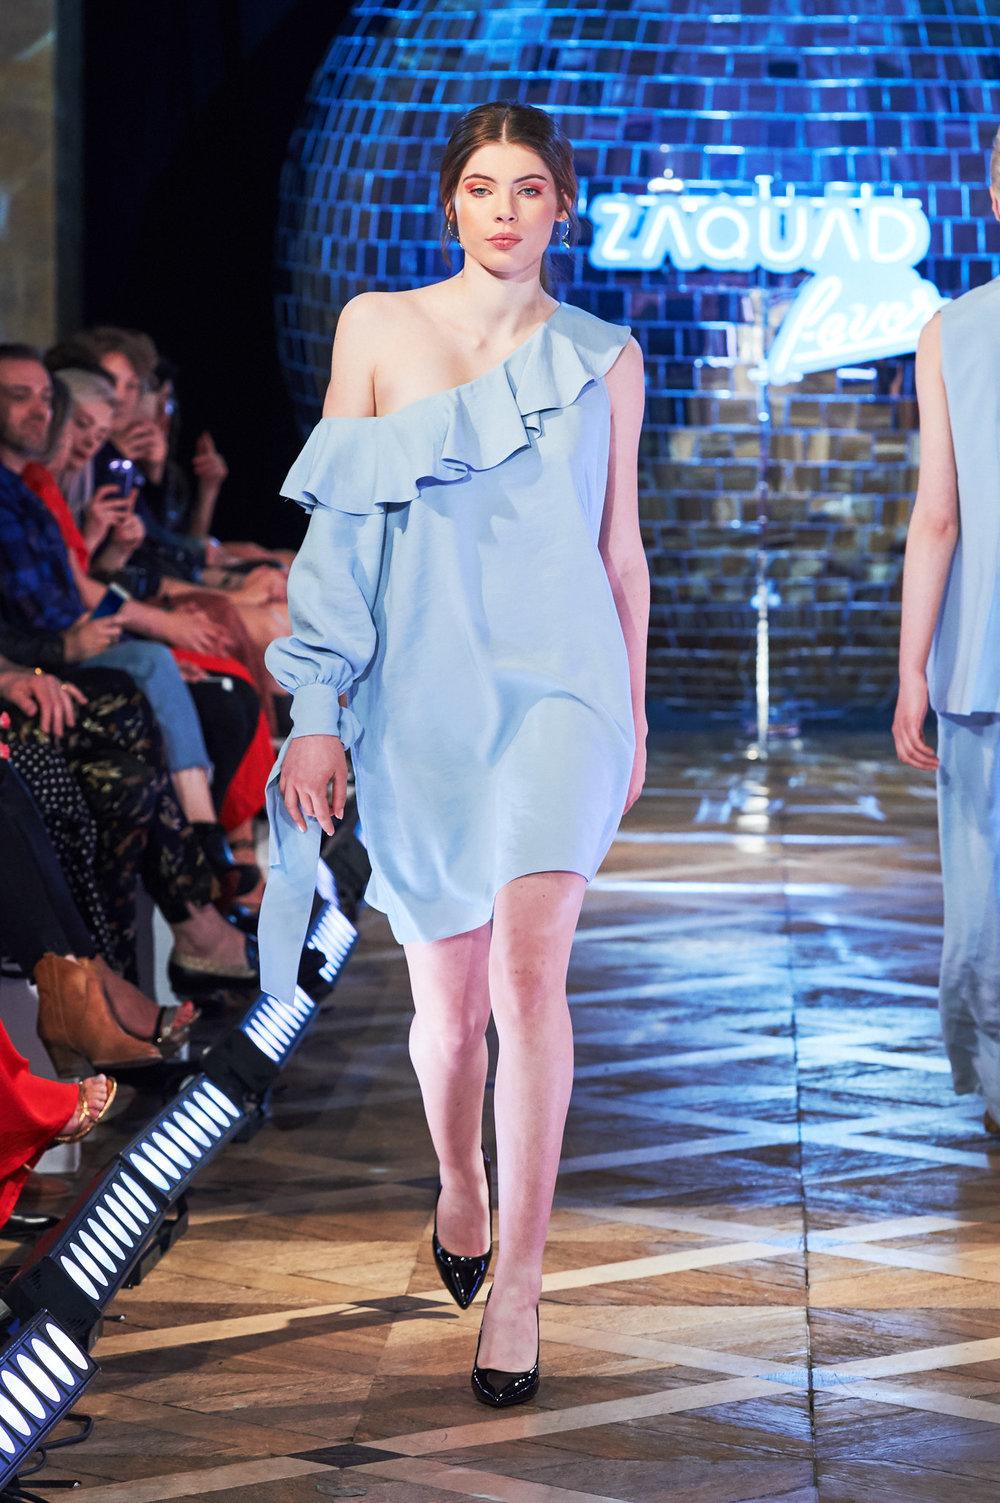 3_ZAQUAD_090519_lowres-fotFilipOkopny-FashionImages.jpg